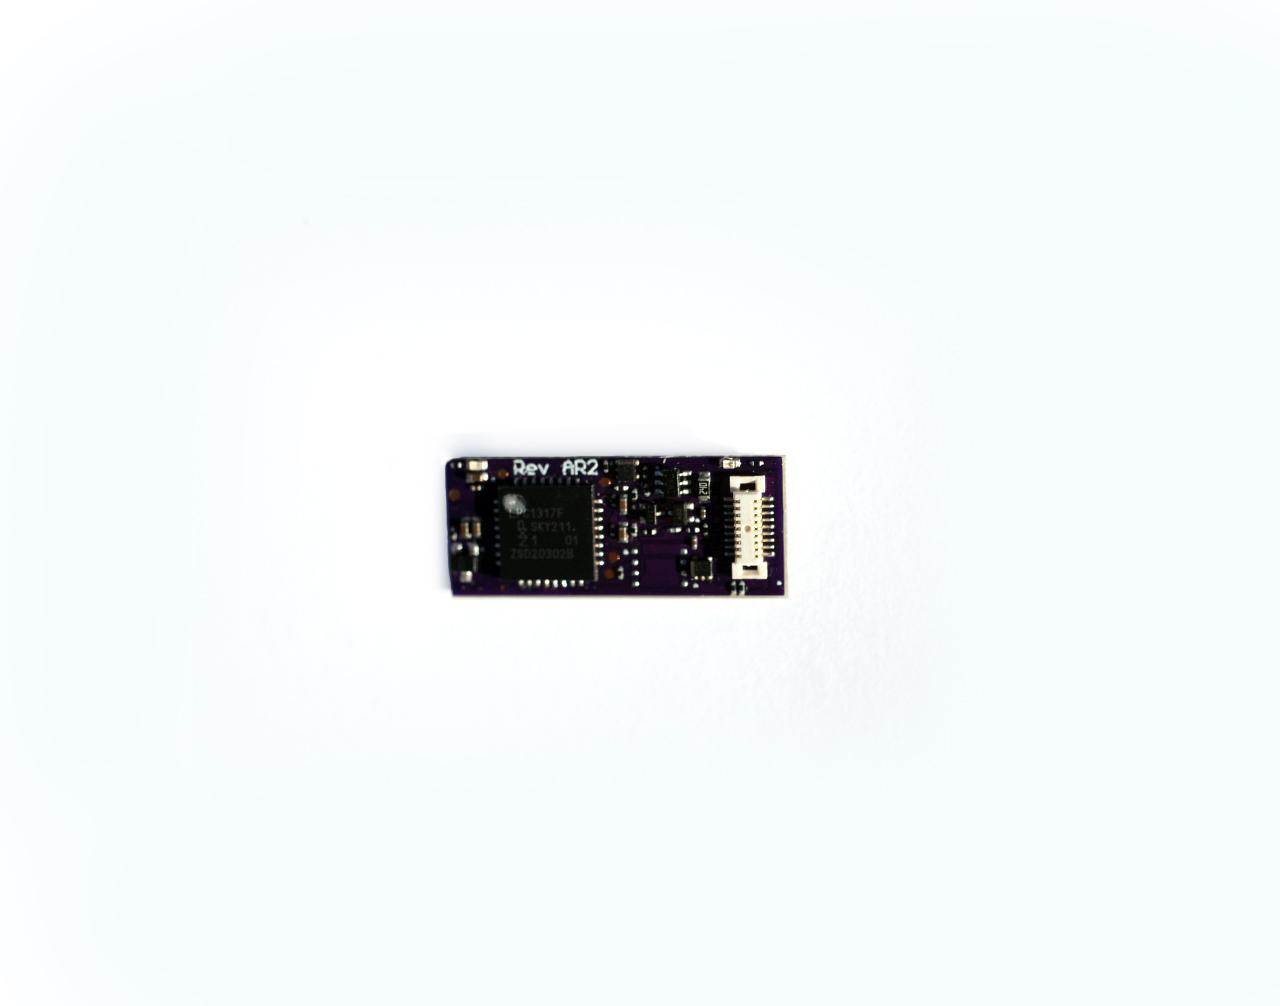 Soundtraxx 885030 - HO & N Scale TSU-N18 Tsunami2 Sound Decoder for EMD-2 Diesels